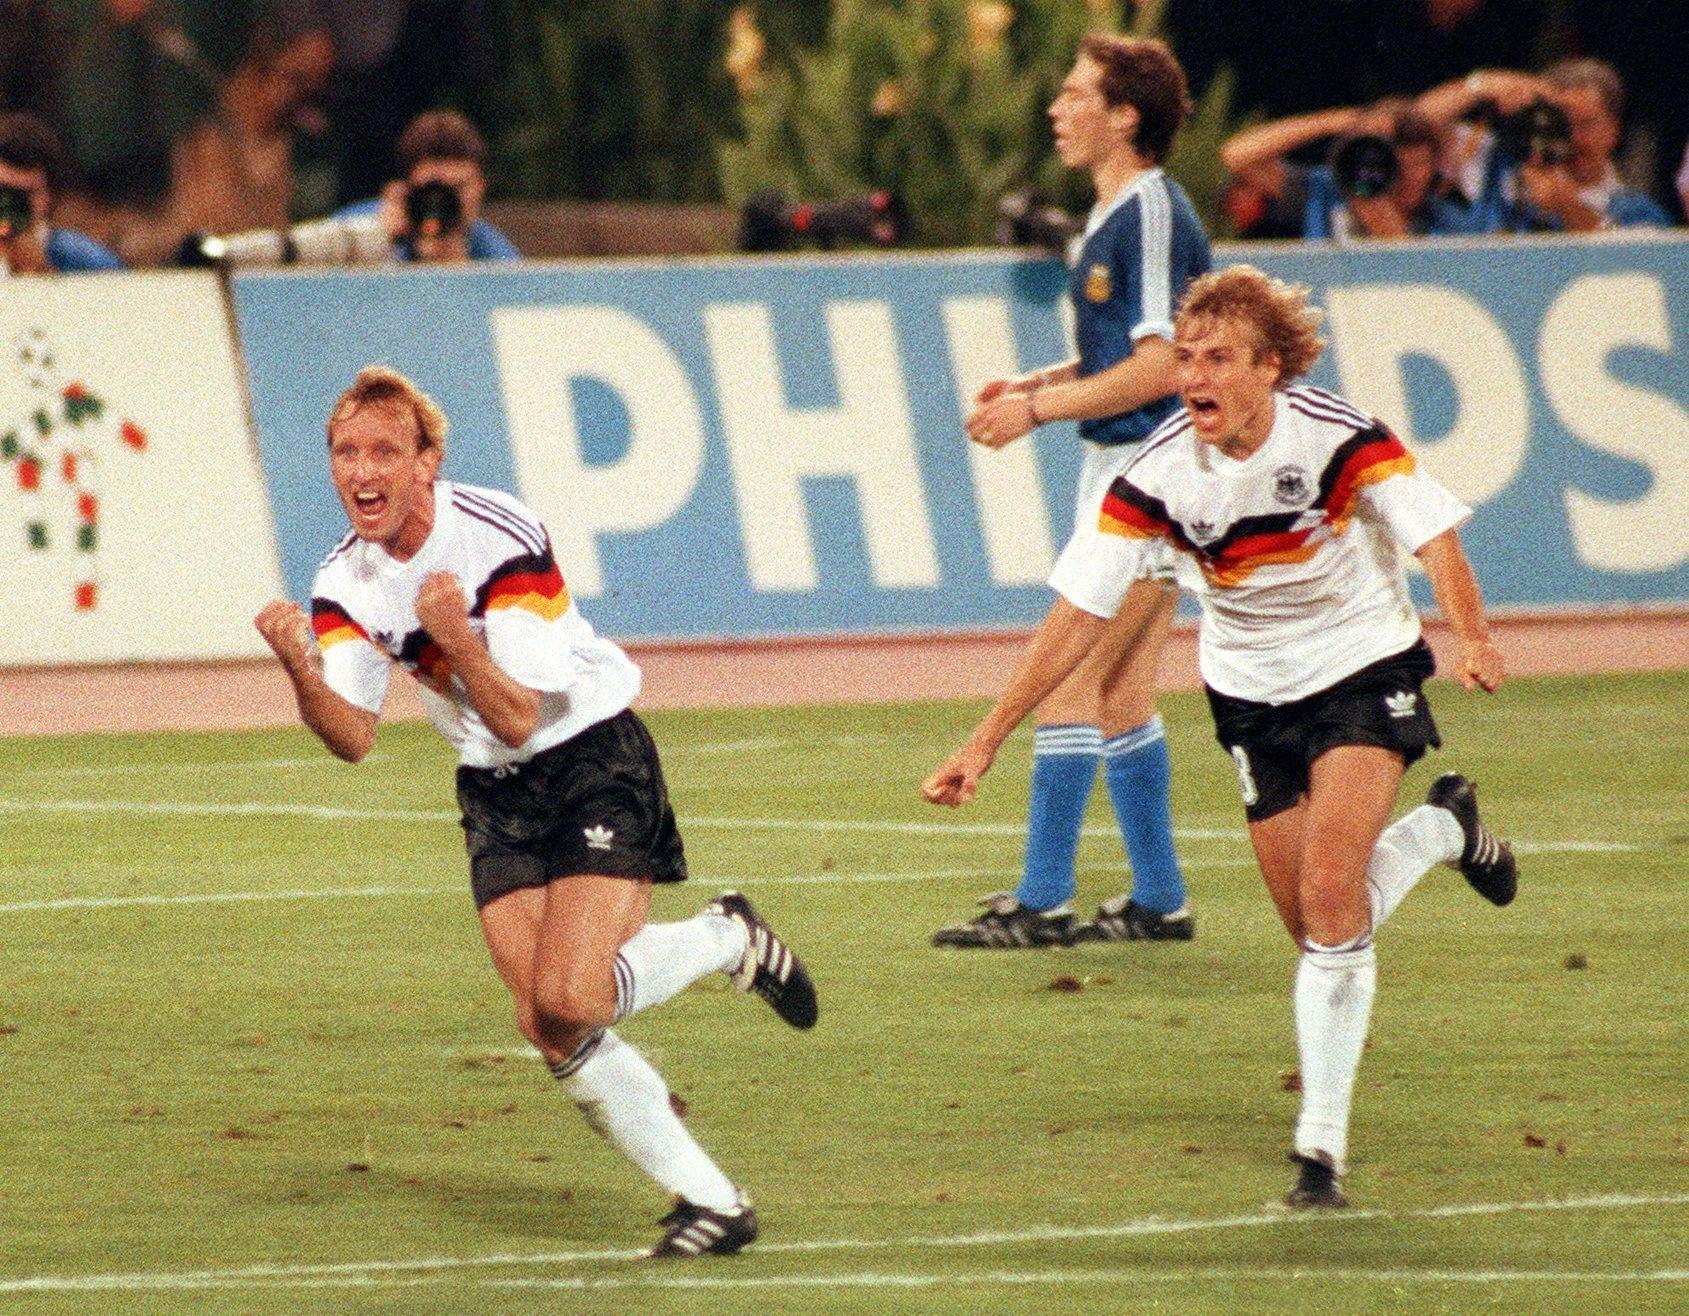 Andreas Brehme (l.) behielt im WM-Finale 1990 in Rom gegen Argentinien die Nerven. Obwohl die Argentinier den schon zurecht gelegten Ball wegschossen, verwandelte Brehme in der 85. Minuten den Elfmeter gegen den argentinischen Torwart Sergio Goycocheakt. Deutschland wurde mit 1:0 Weltmeister. Im Bild jubeln Brehme und Jürgen Klinsmann.